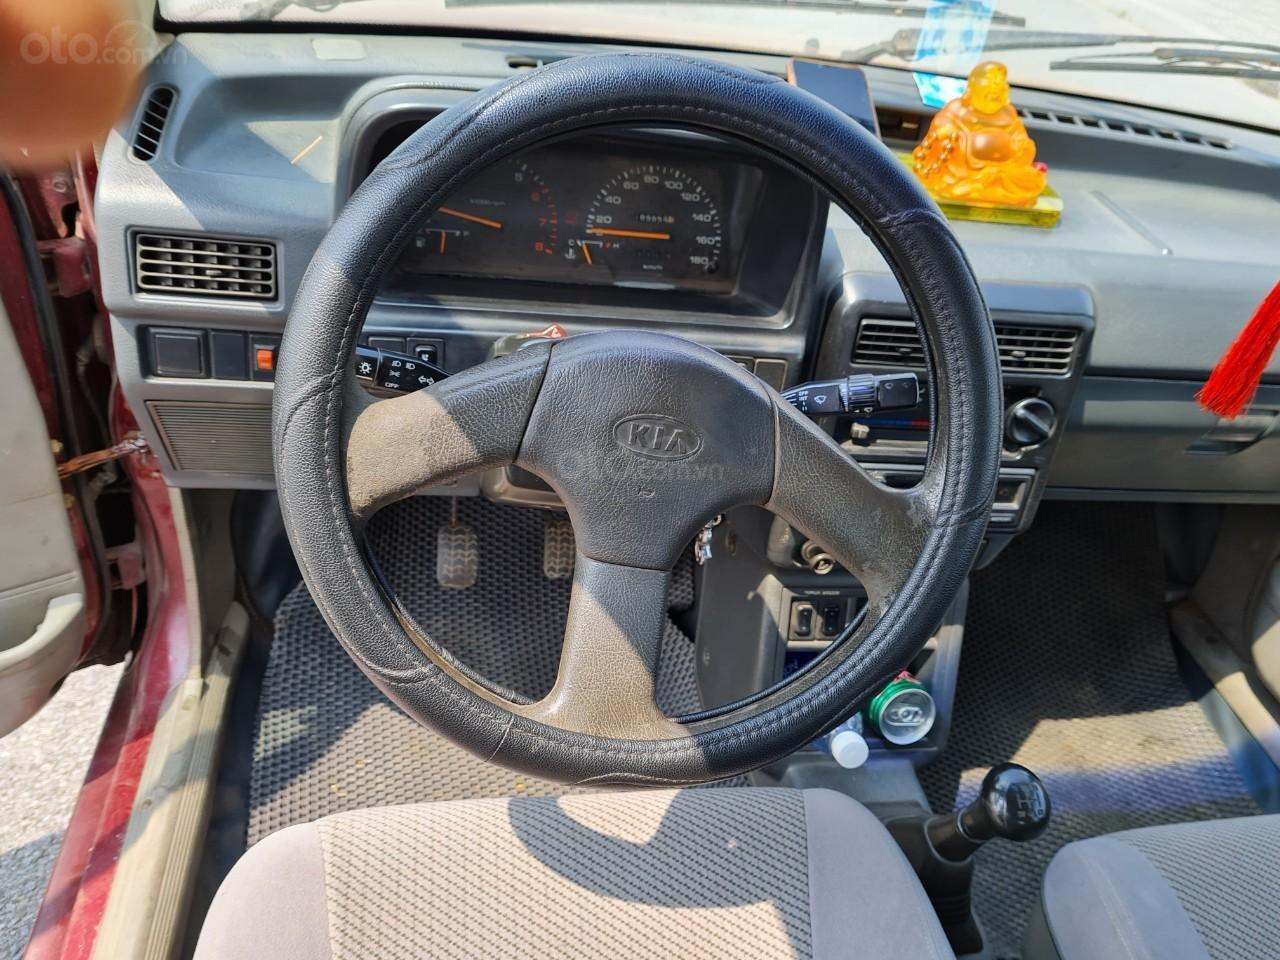 Cần bán Kia Pride GTL, SX 2001, máy xăng, nhập khẩu, đã chạy 80000km, xăng 6 L/100km, nội thất màu ghi, xe 5 cửa, máy 1.3 (5)